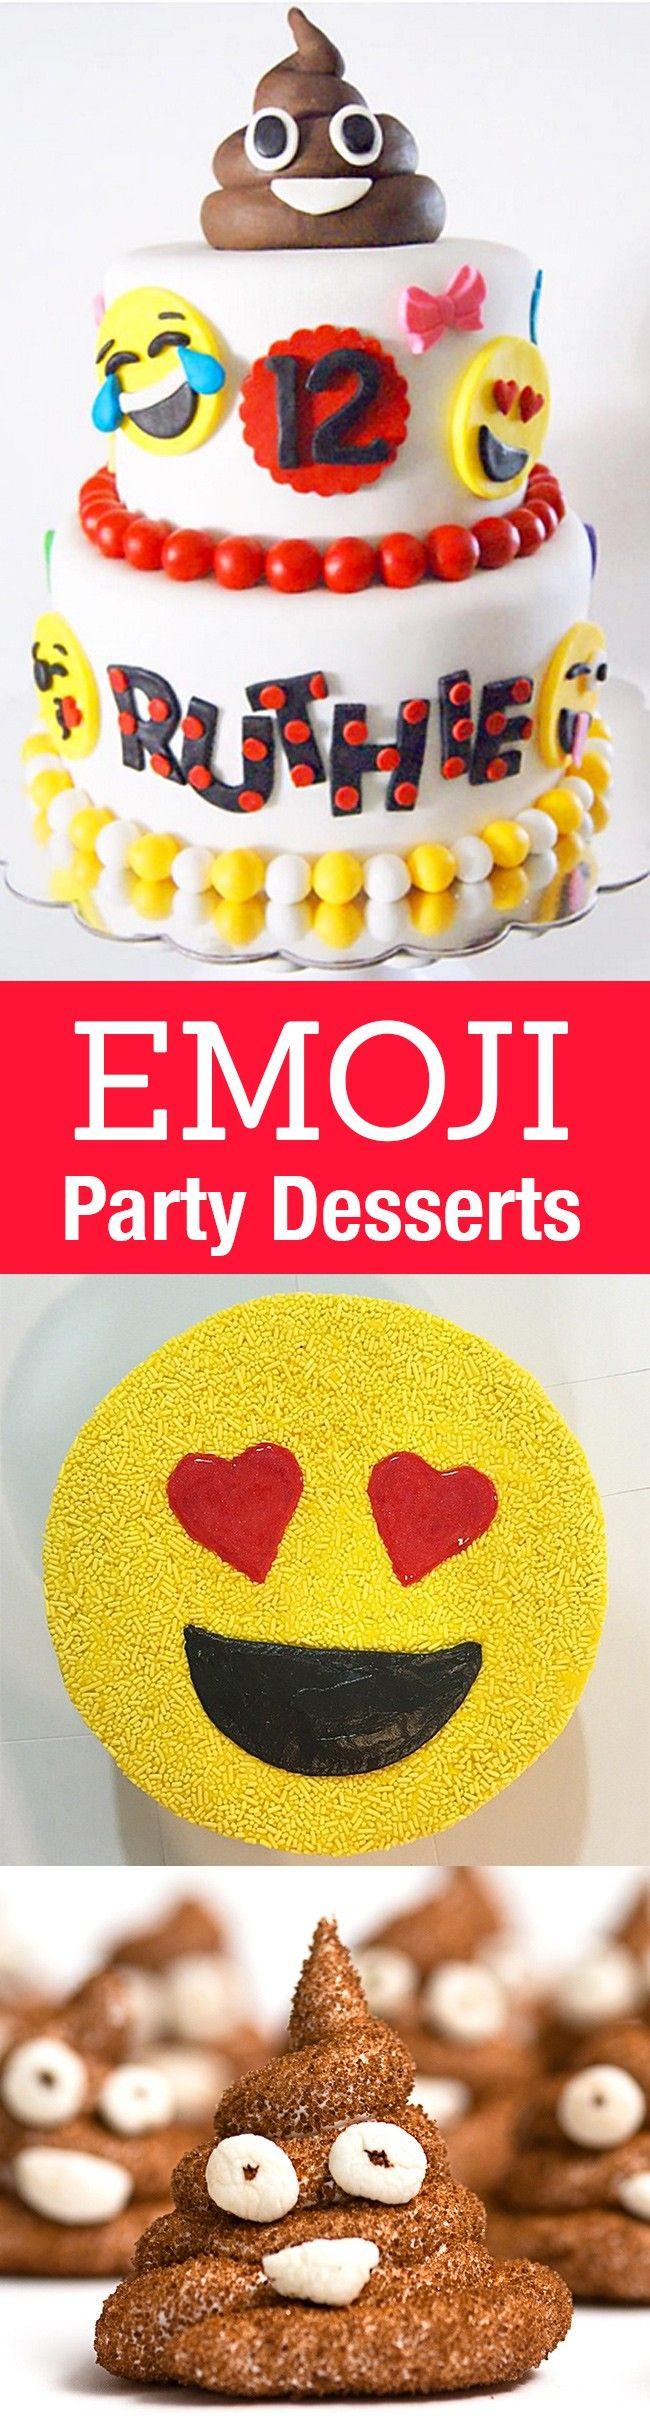 Torta de Emoji como inspiración para una fiesta temática de Emoji. #FiestaEmoji